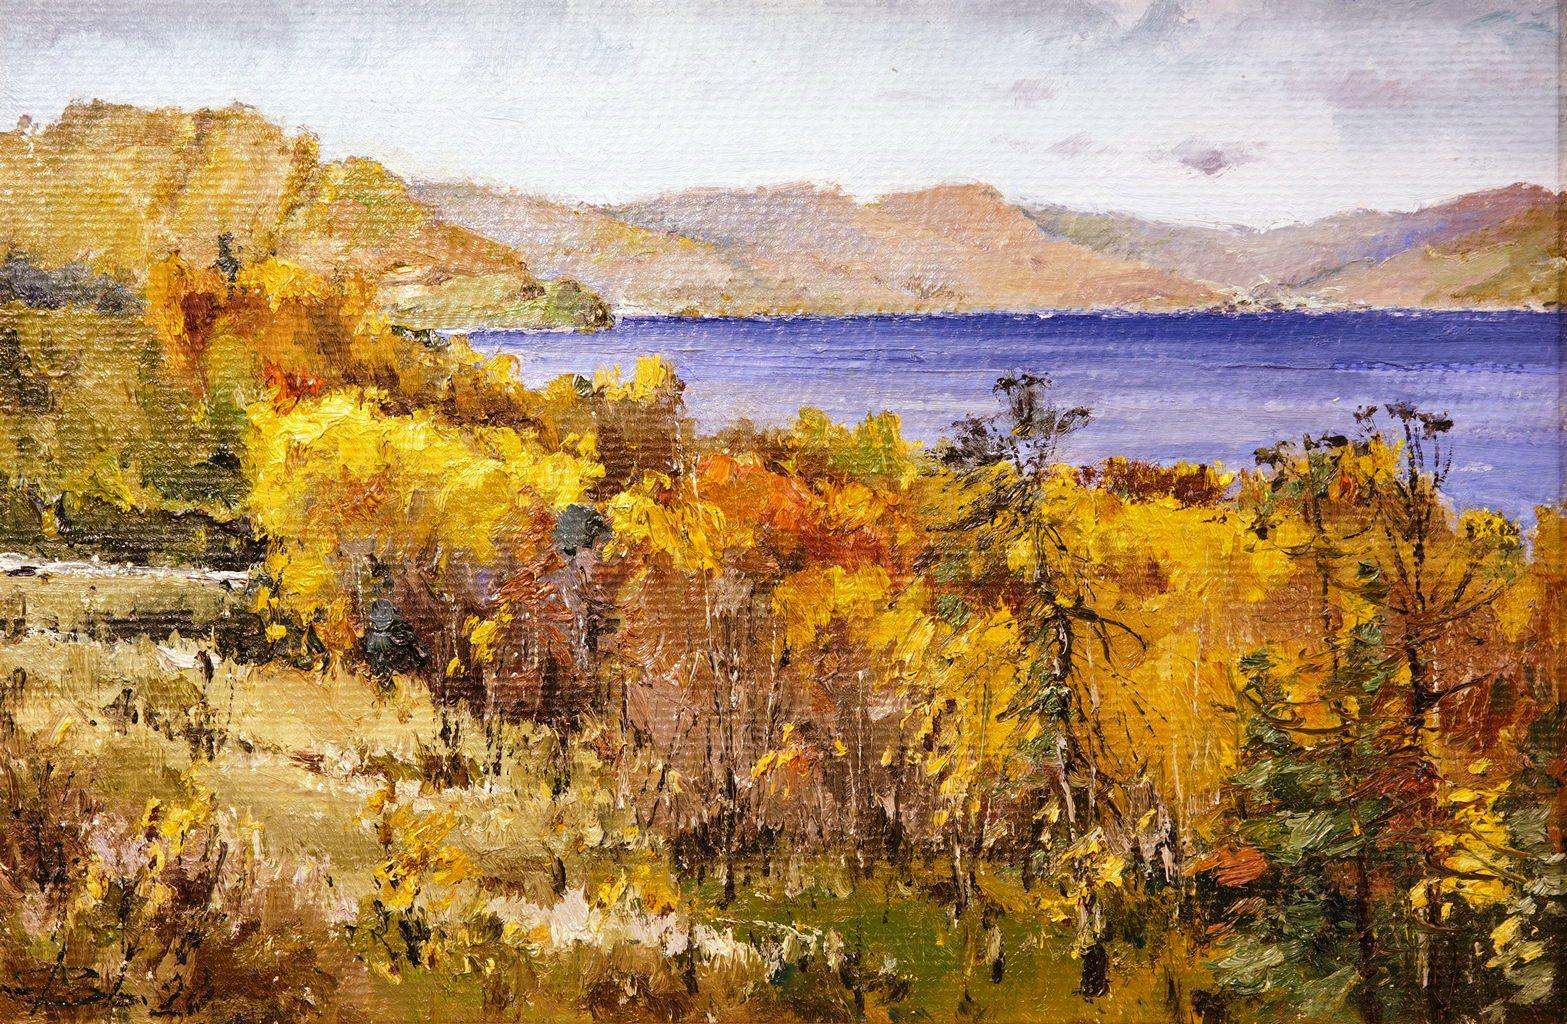 Осень на Байкале, Зверев Валерий